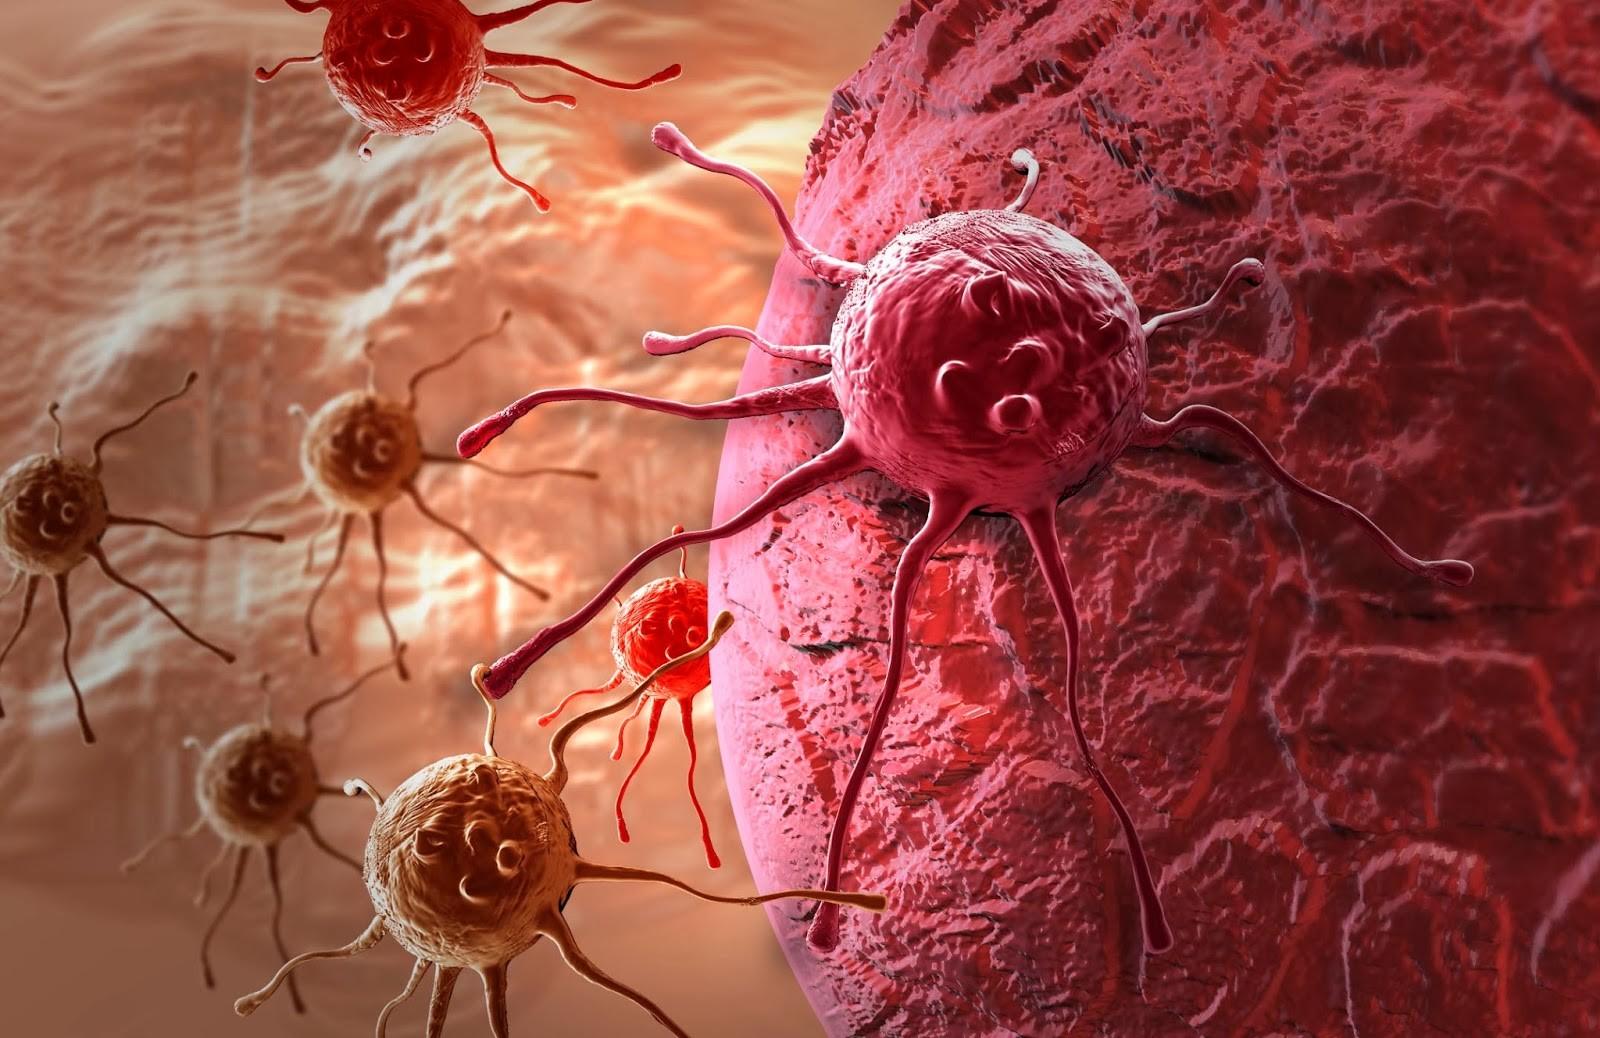 Иммунные клетки человека помогают восстанавливаться мозгу после инсульта